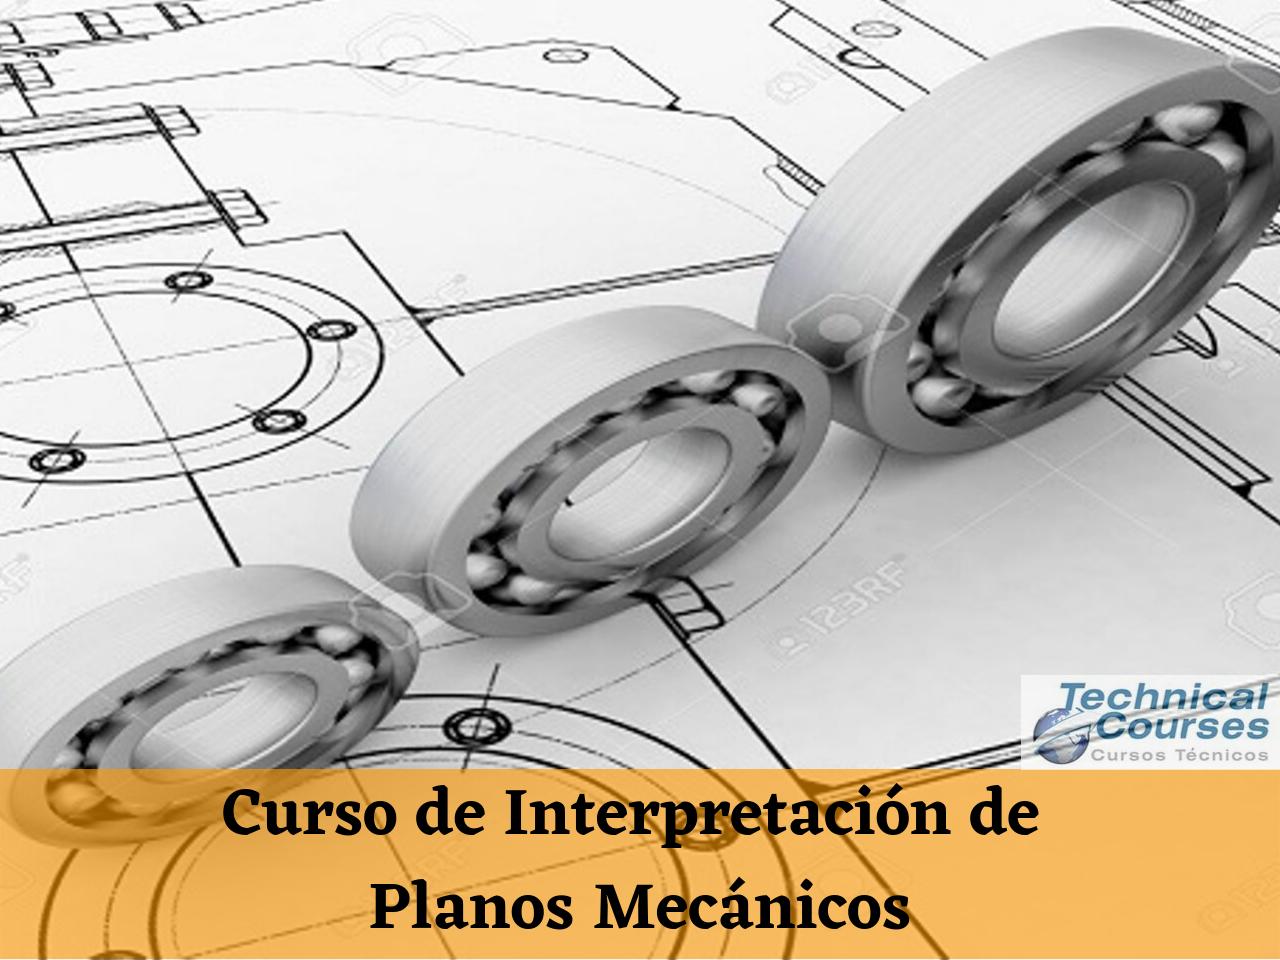 Curso de Interpretación de Planos Mecánicos